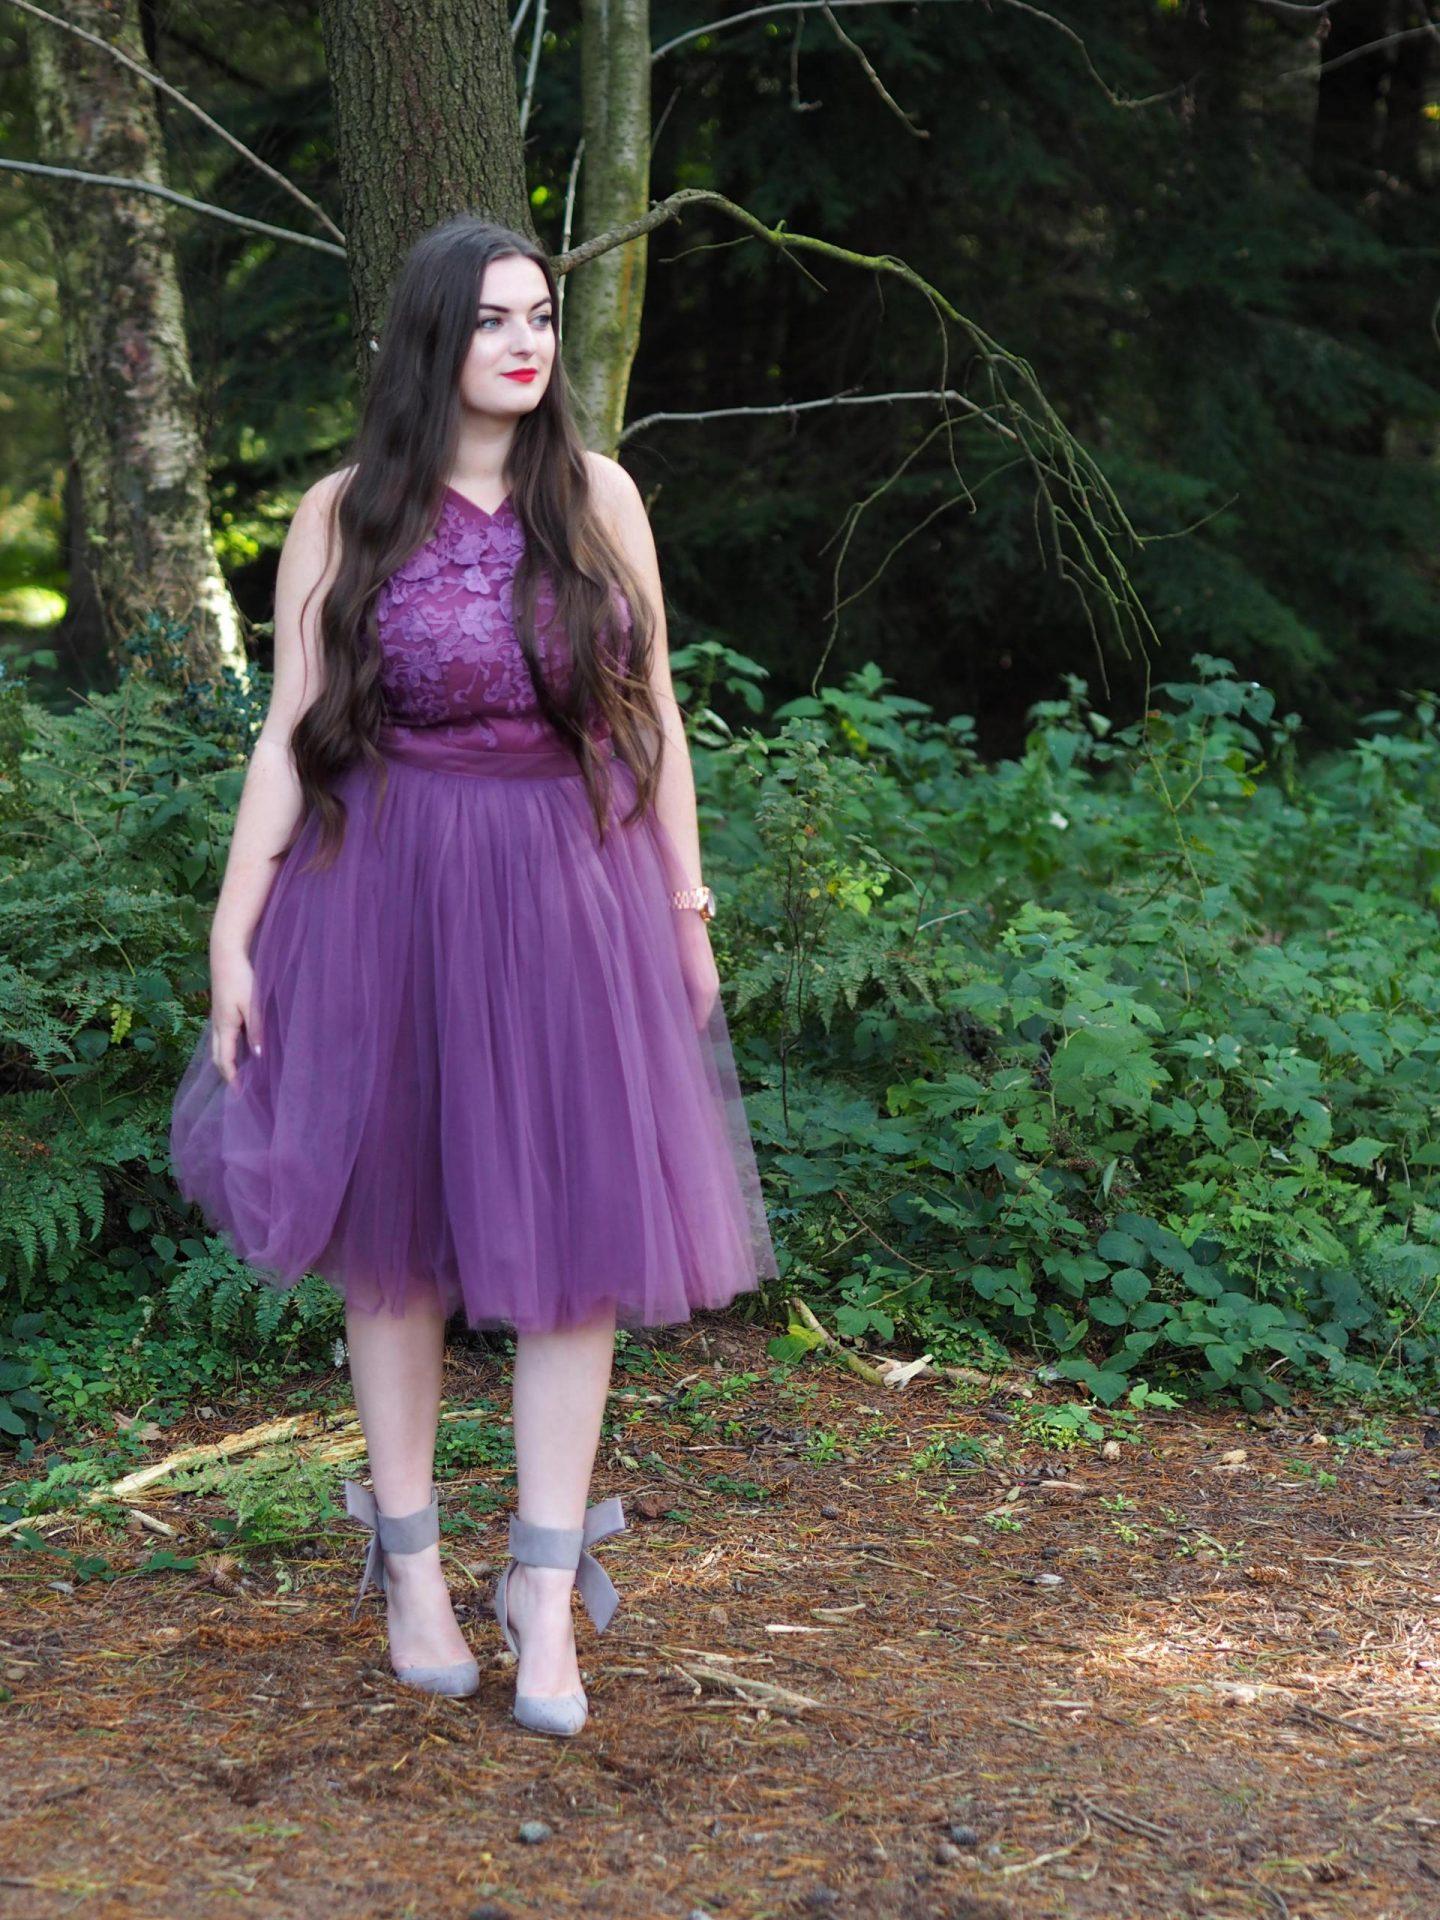 chi-chi-clothing-elif-dress-rachel-nicole-uk-blogger-5